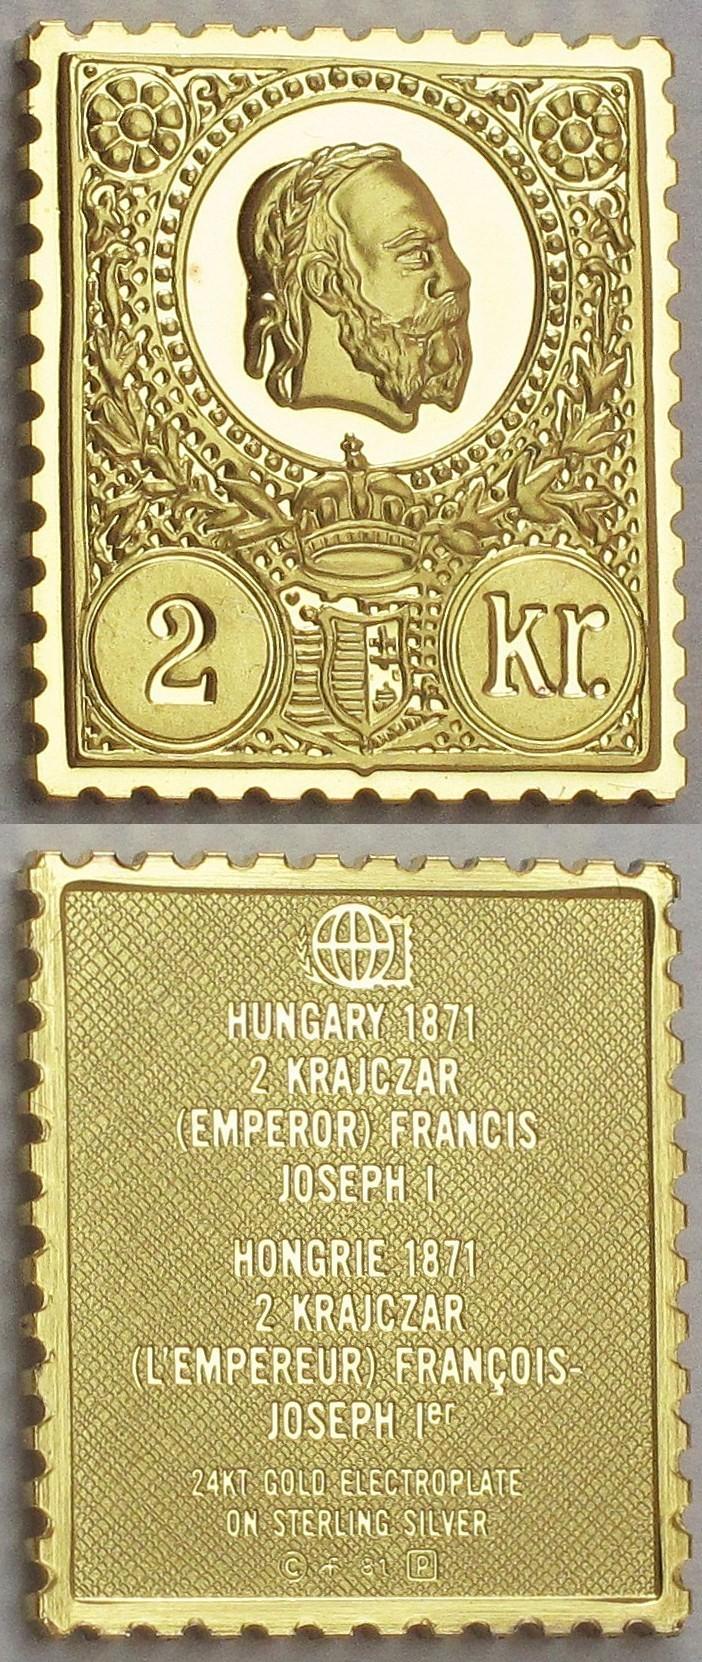 http://www.belyegerem.hu/belyegerem-egyeb/1981-franklin-mint-belyegerem-2-krajczar-francis-joseph-sterling-silver-24k-gold-plated/1981-franklin-mint-belyegerem-2-krajczar-francis-joseph-sterling-silver-24k-gold-plated_01.jpg